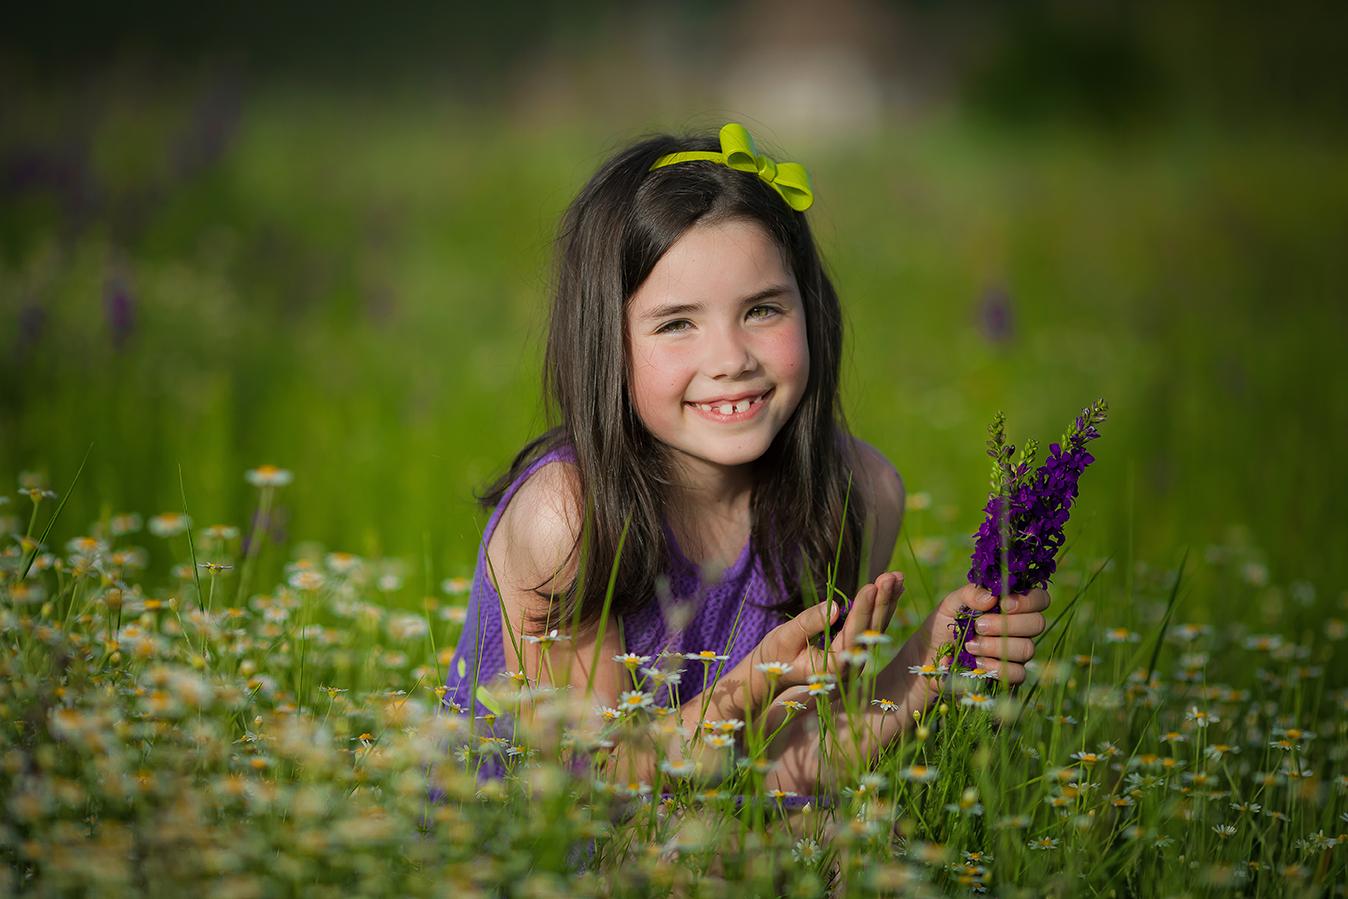 детска фотография (13)